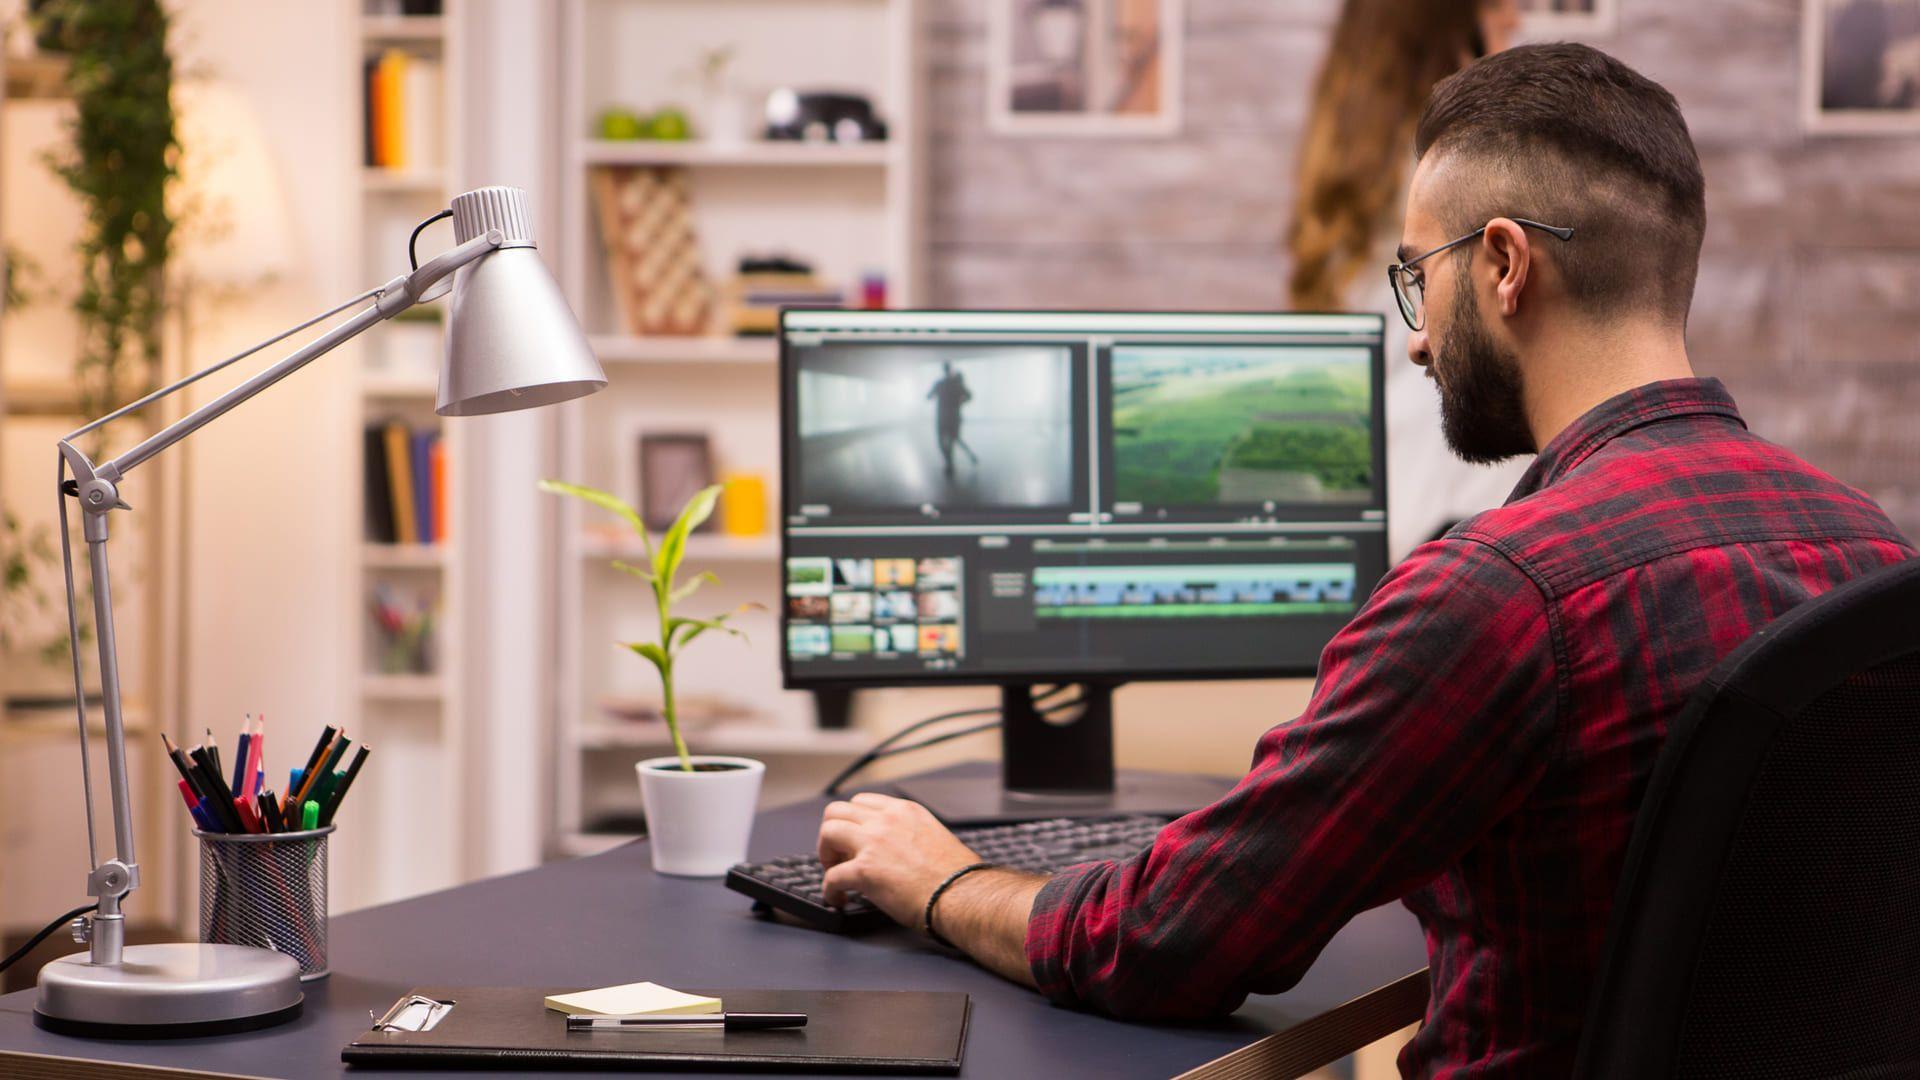 Para trabalhar com design ou edição de vídeo, é recomendado usar um monitor dedicado. (Foto: Shutterstock/DC Studio)